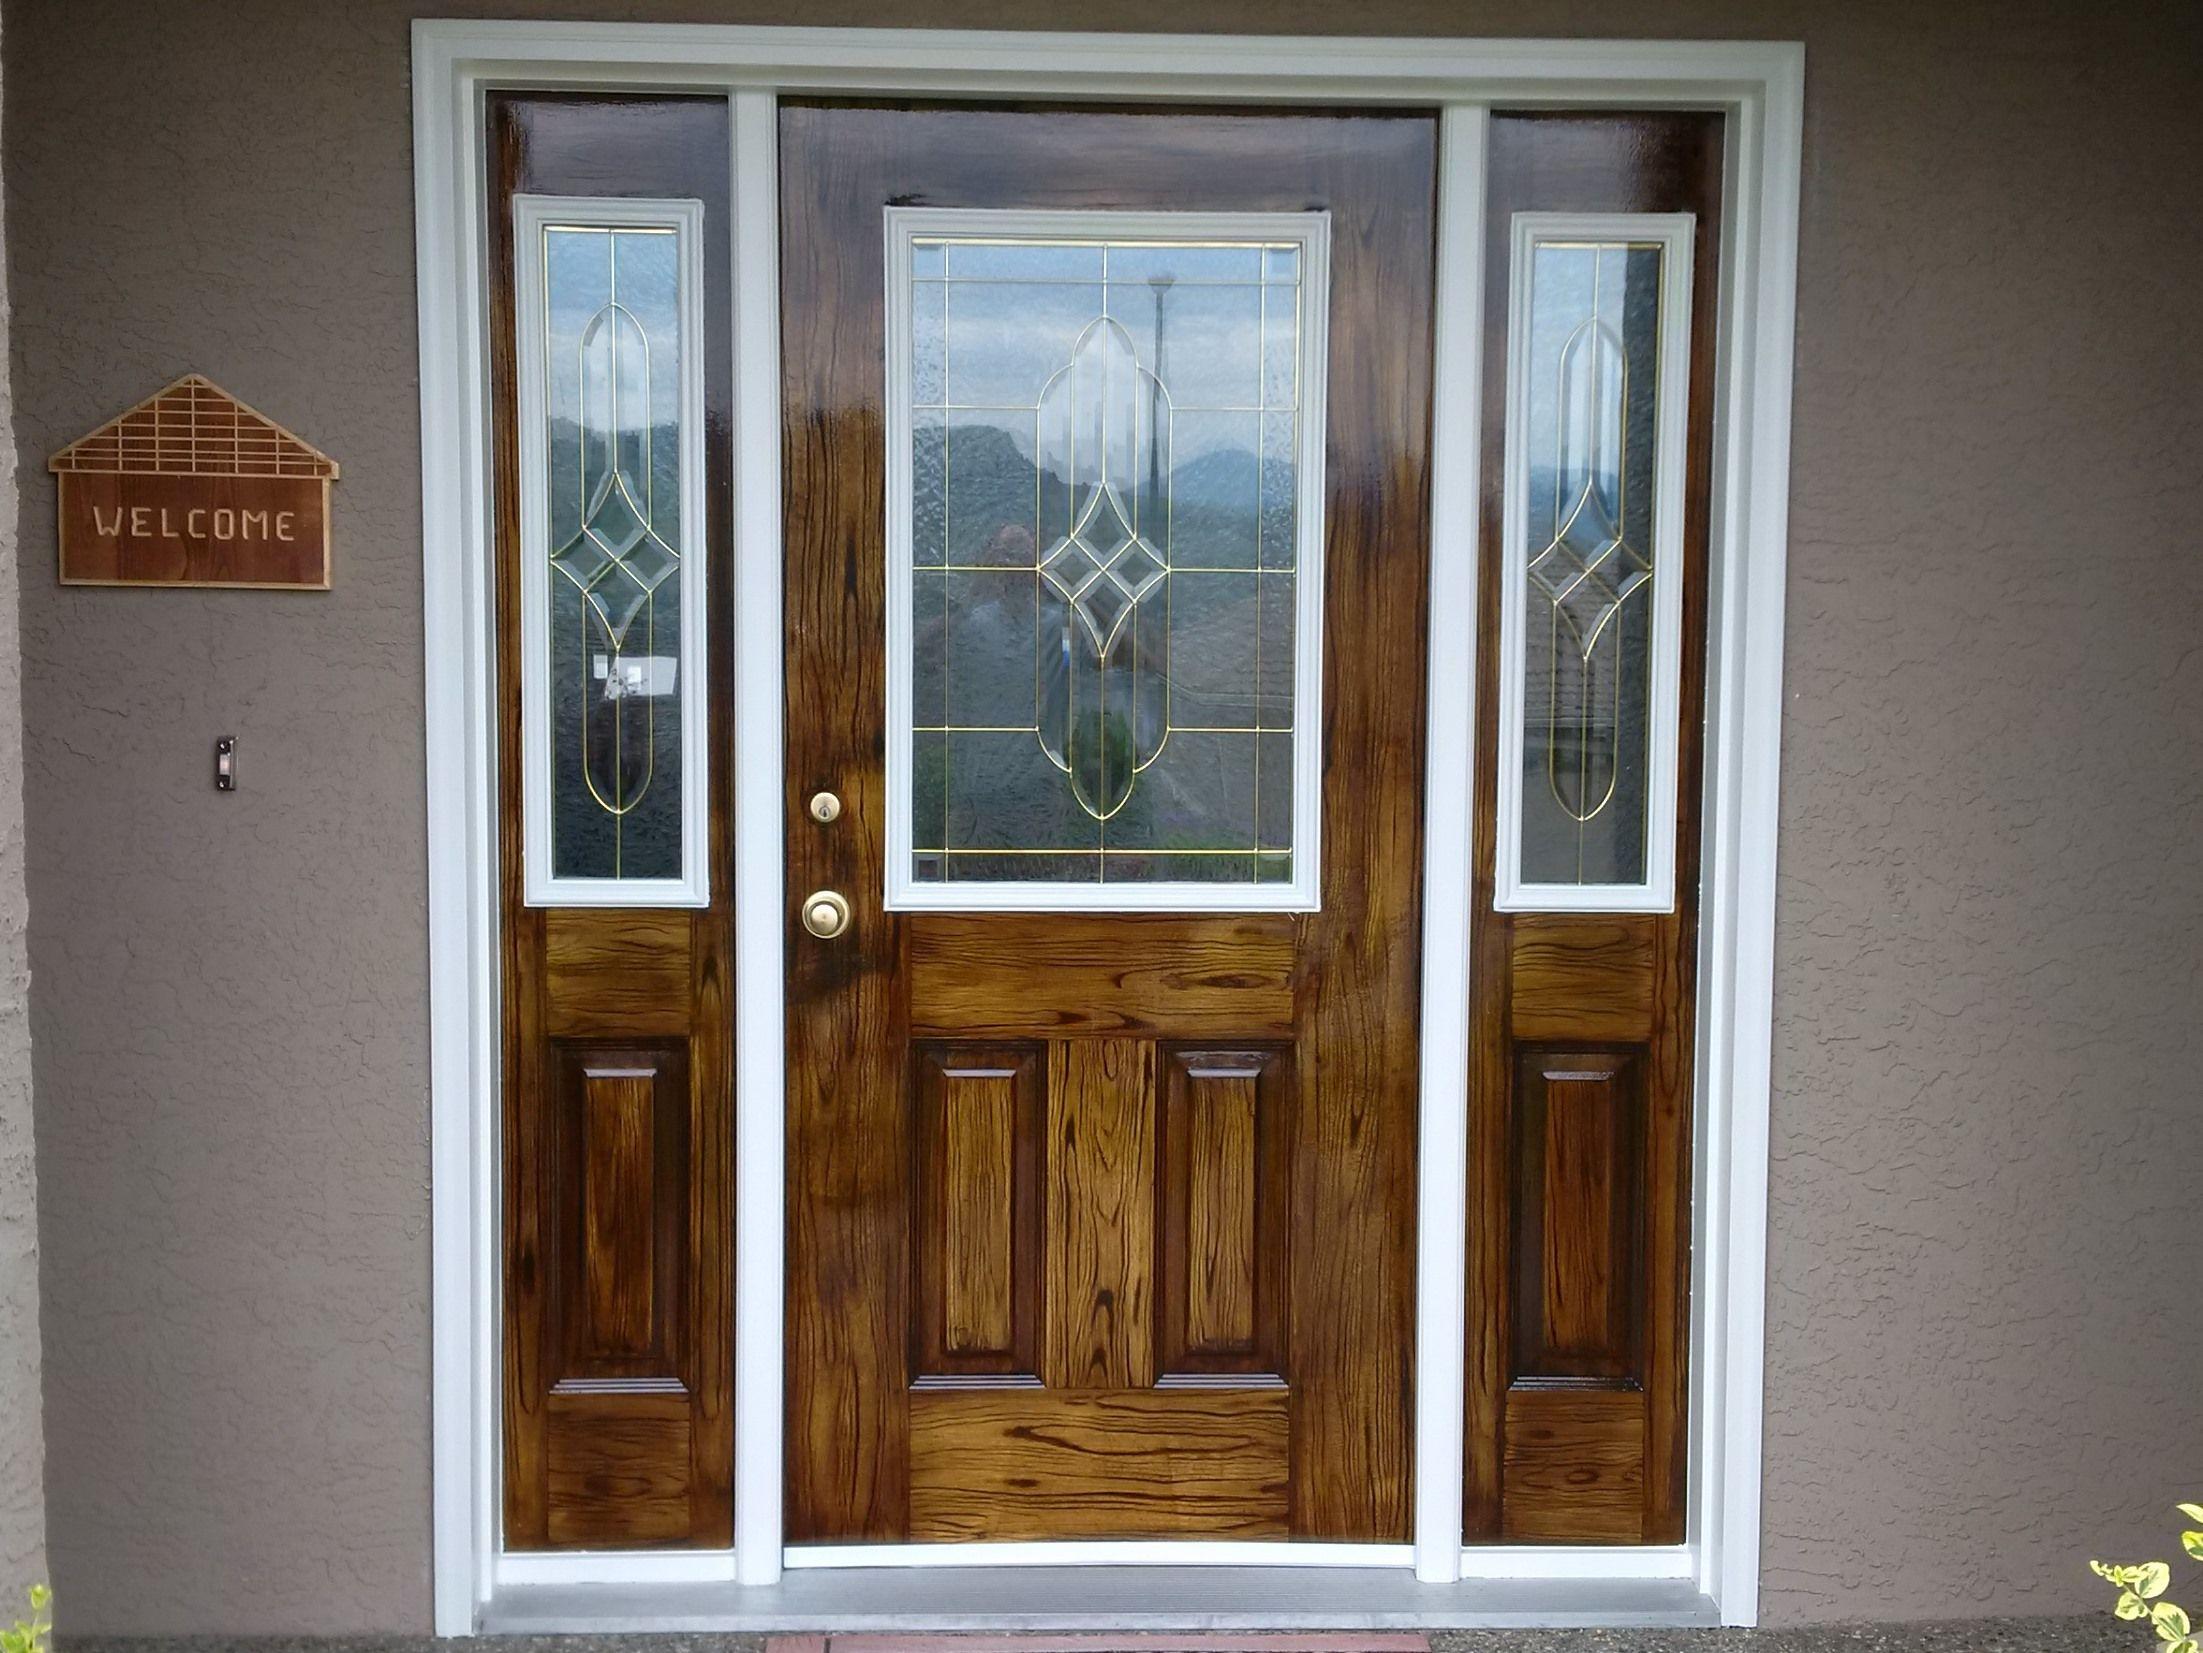 Faux Wood Grain On Metal Door Sidelights 1 Primed 2 Added Grain With Gel Stain Applying With Foam Brush A Painting Metal Doors Metal Door Metal Front Door